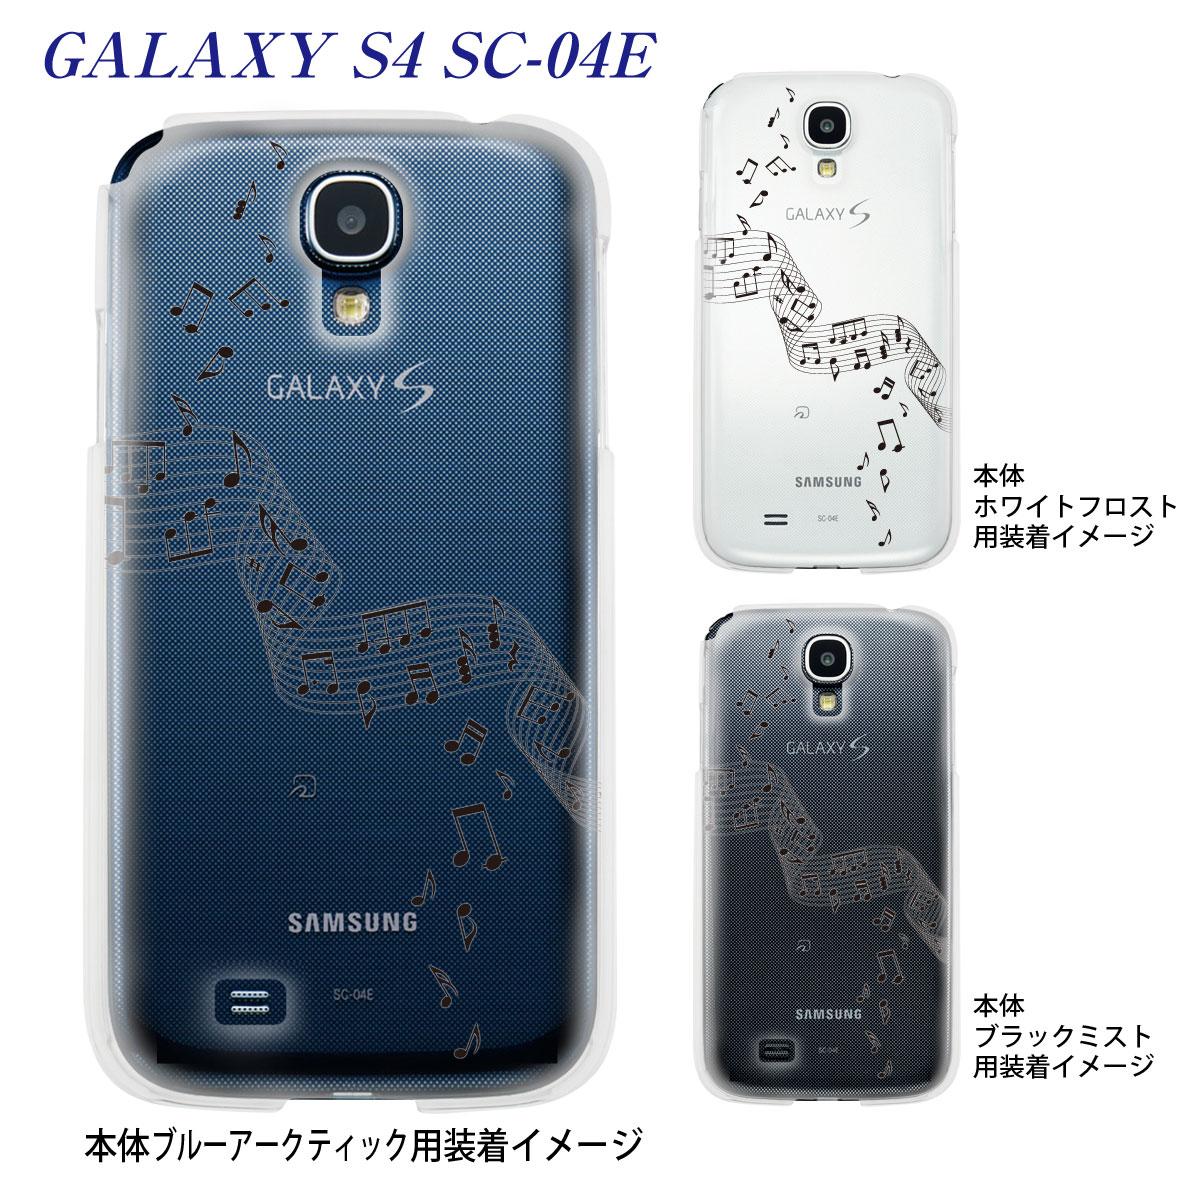 スマートフォン・携帯電話アクセサリー, ケース・カバー Clear ArtsGALAXY S4SC-04E 09-sc04e-mu0001